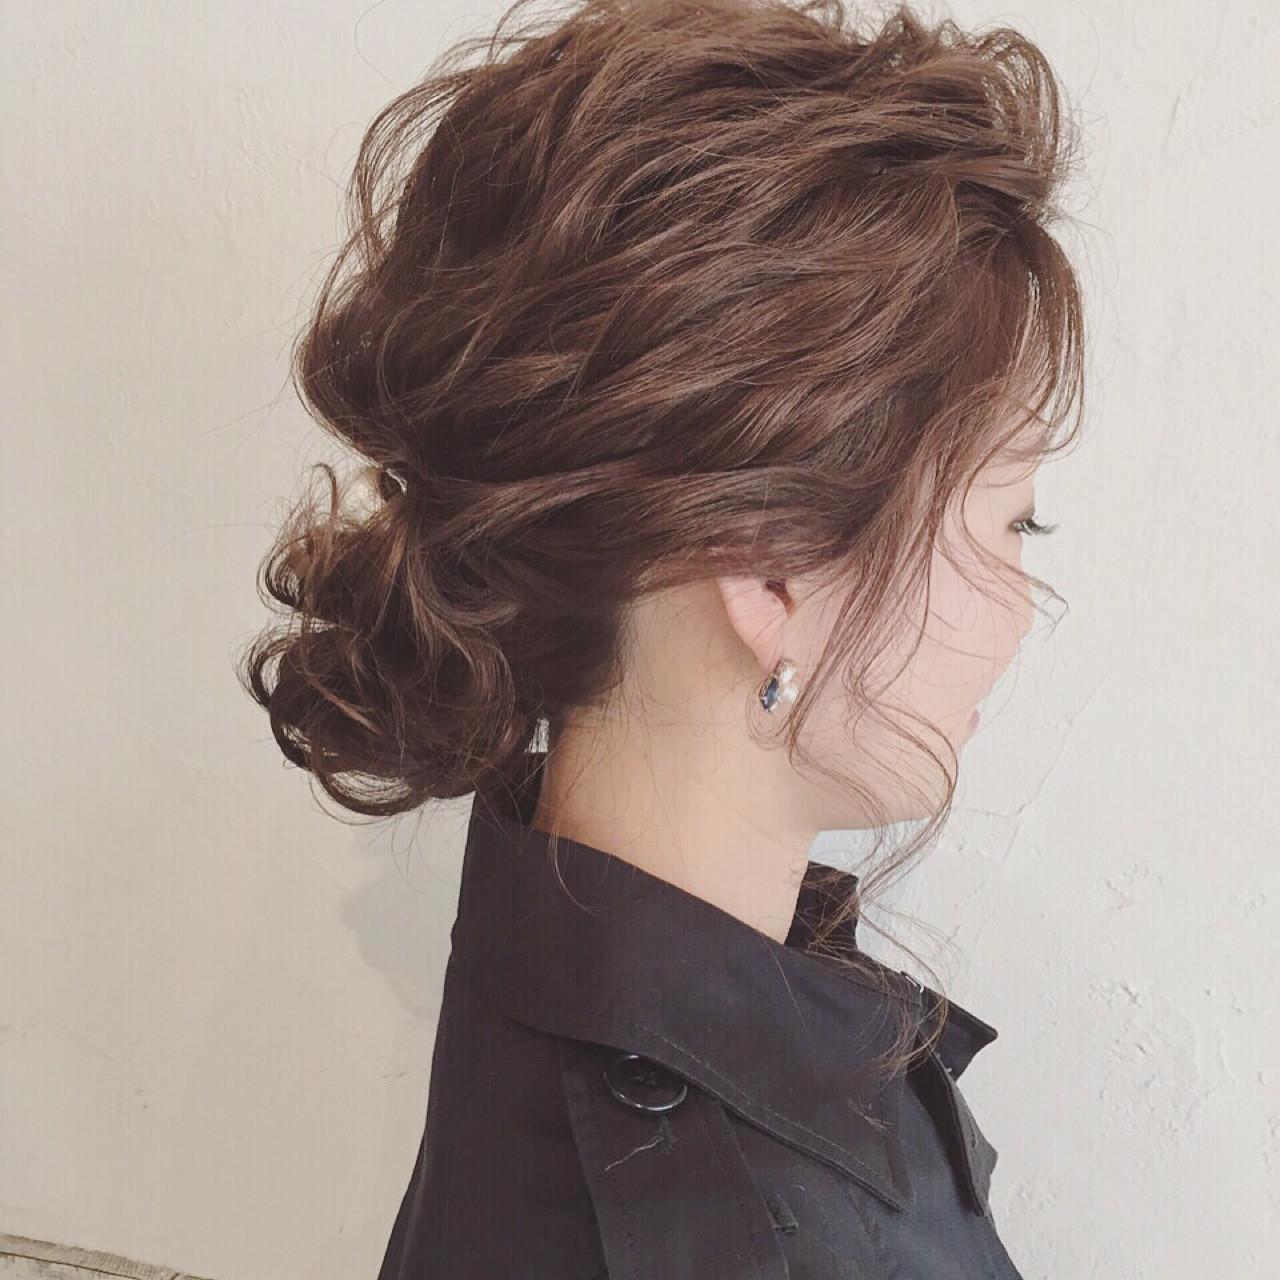 ゆるふわ 大人かわいい アップスタイル ミディアム ヘアスタイルや髪型の写真・画像 | ange maco / ange